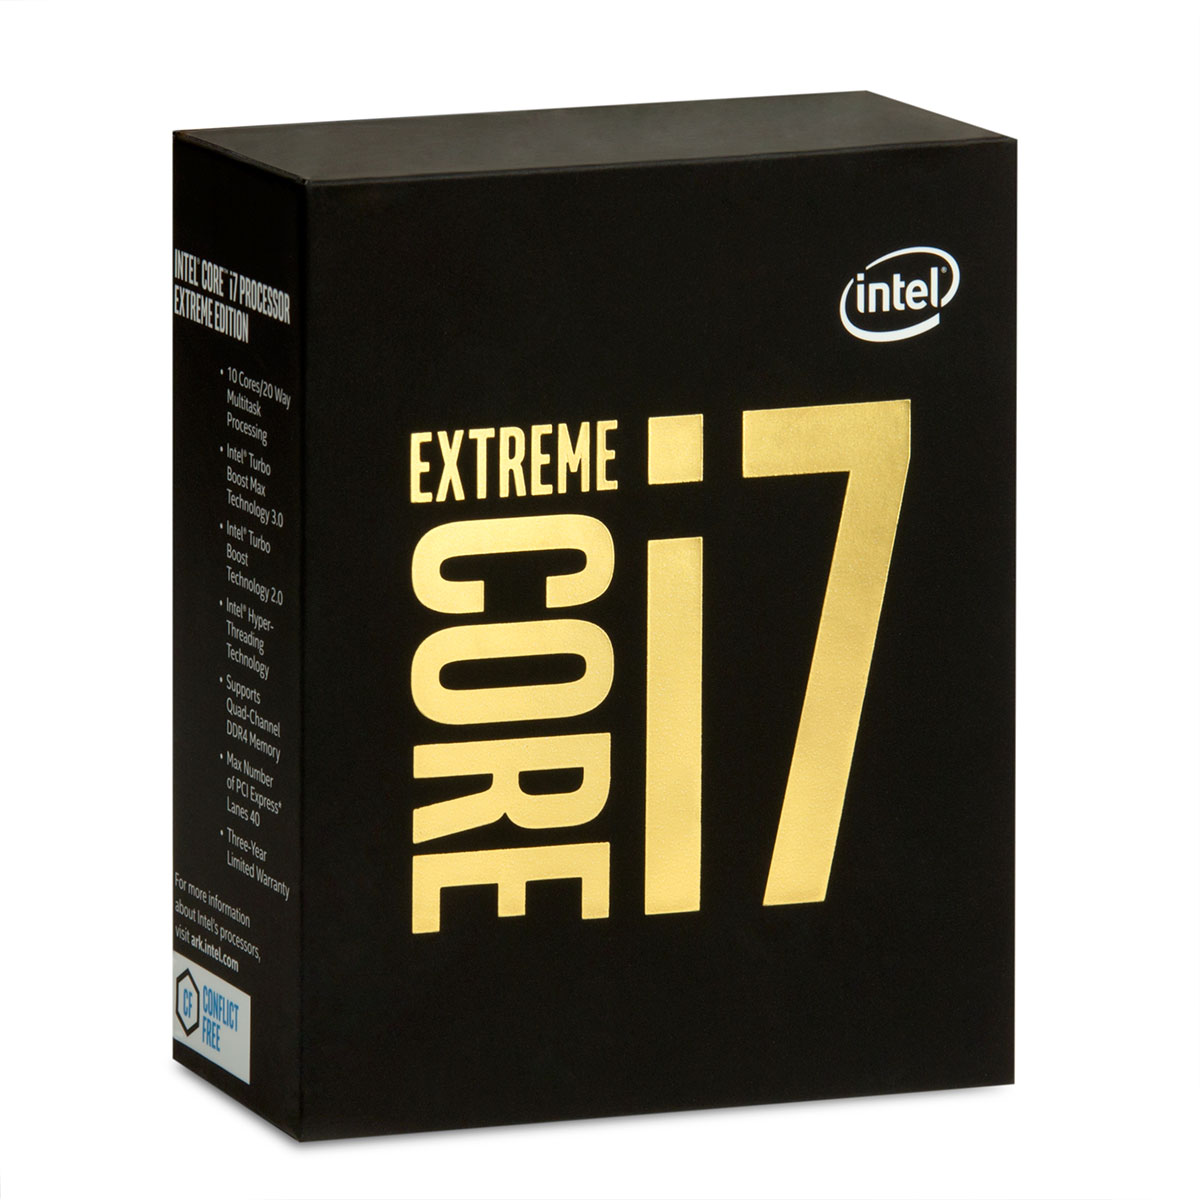 Processeur Intel Core i7-6950X Extreme Edition (3.0 GHz) Processeur 10-Core Socket 2011-3 Cache L3 25 Mo 0.014 micron TDP 140W (version boîte sans ventilateur - garantie Intel 3 ans)